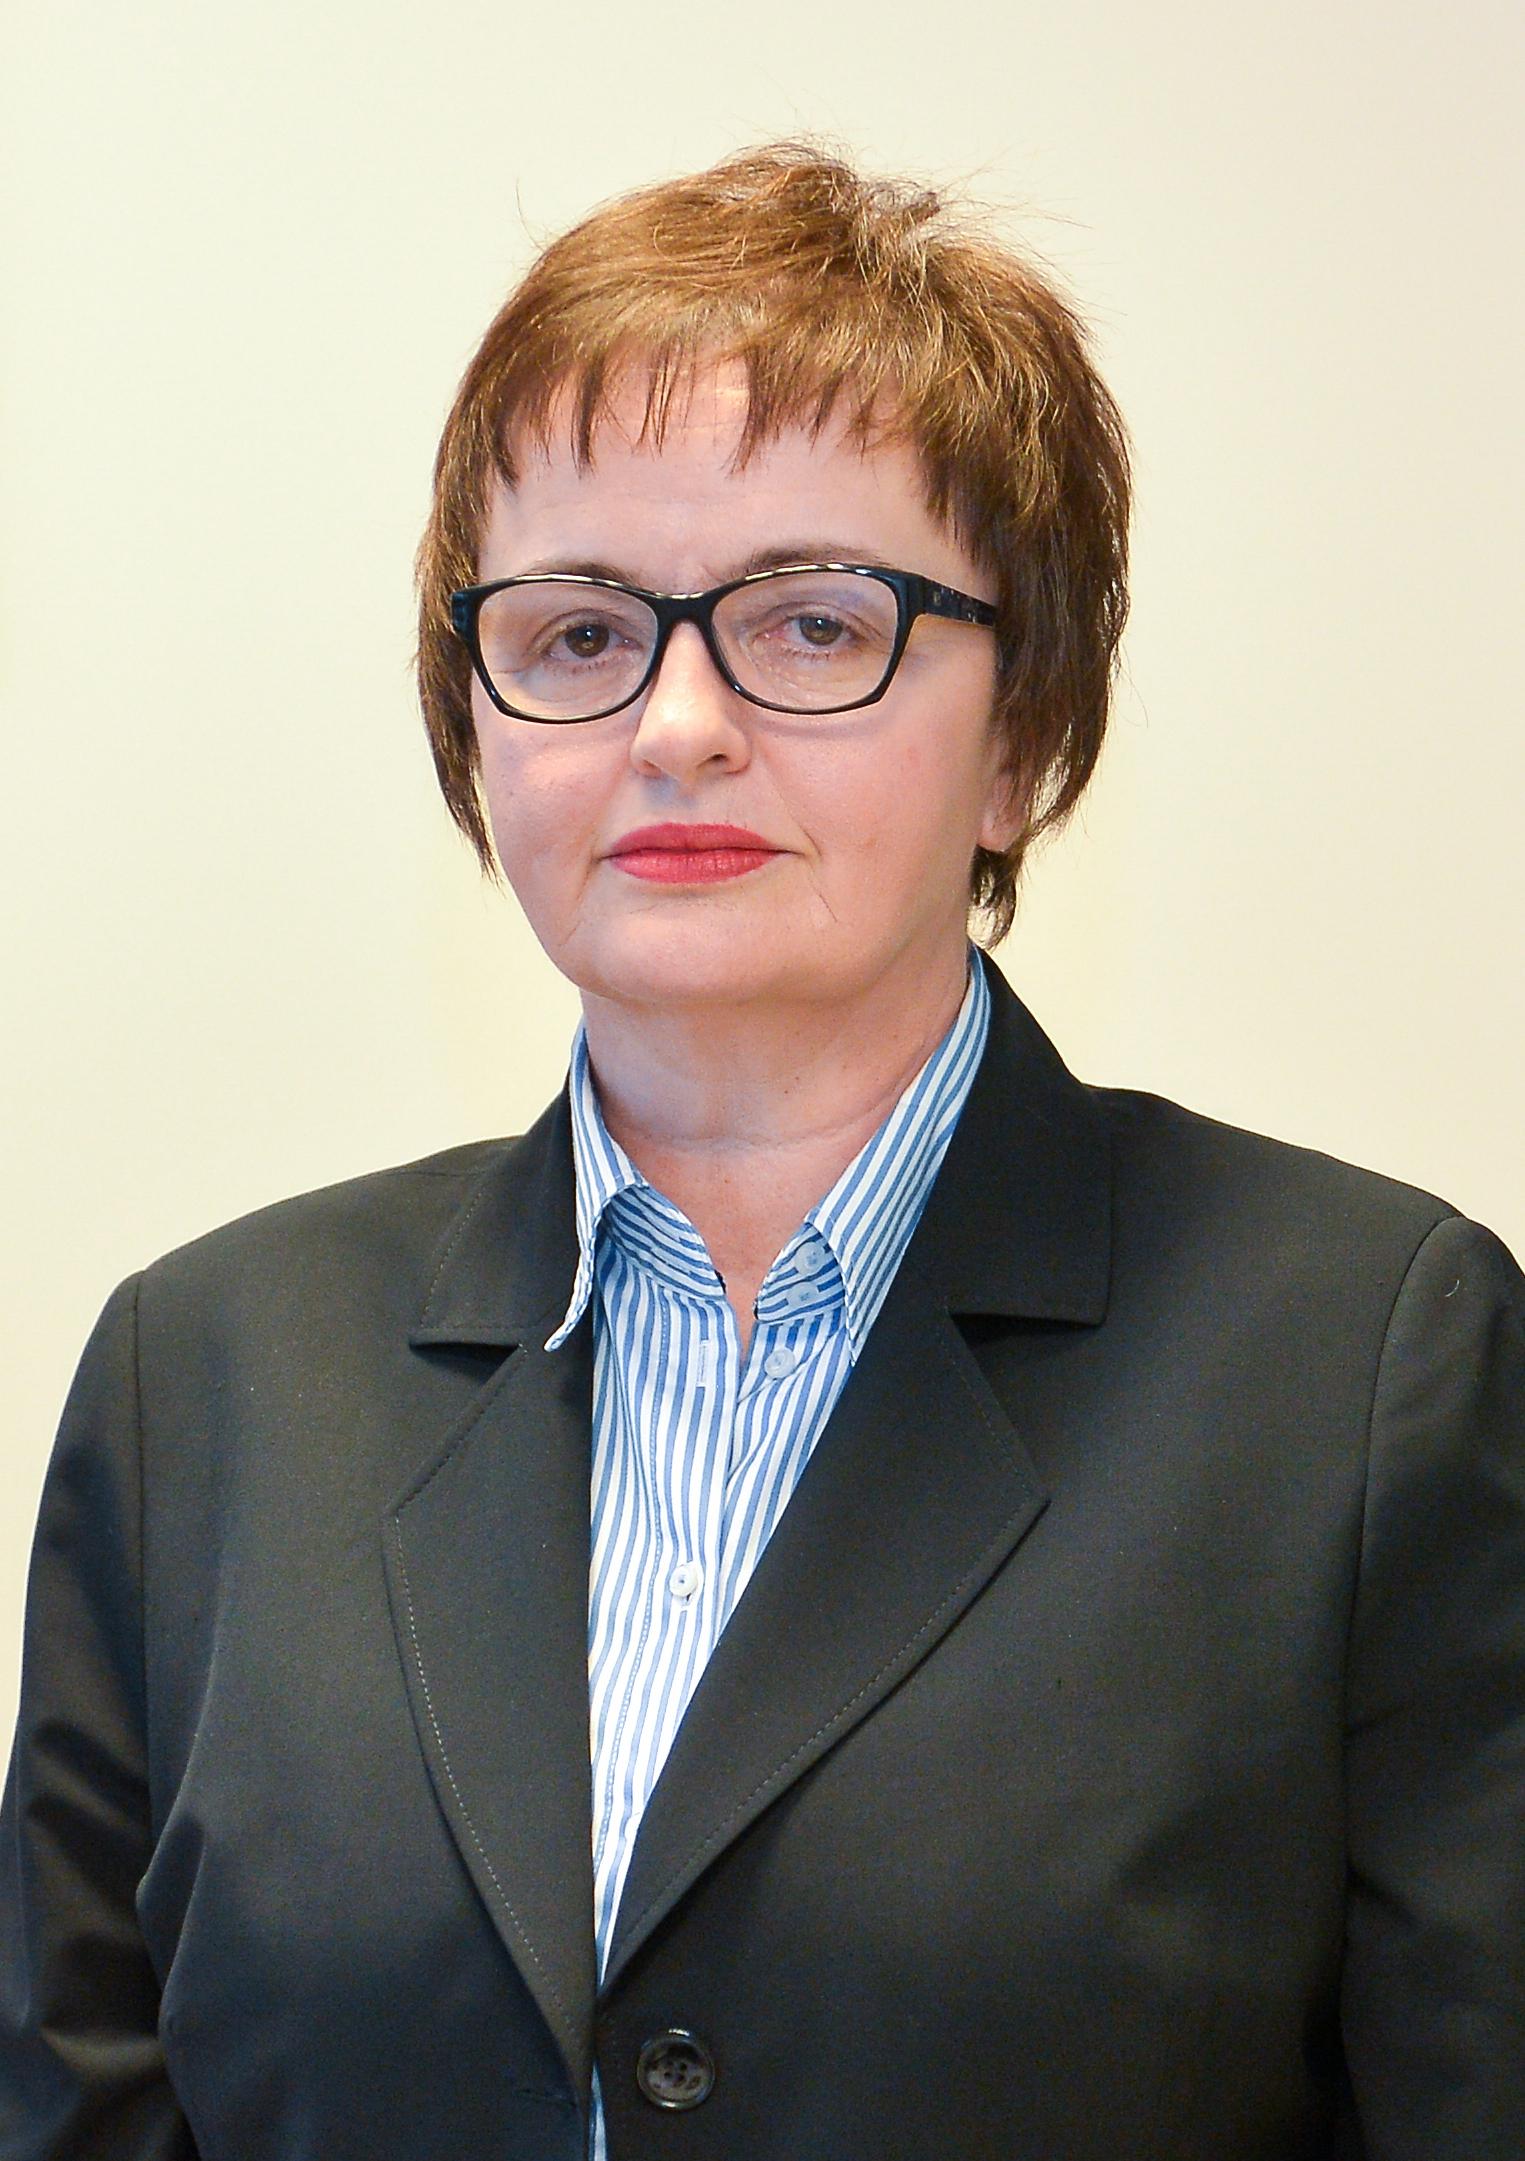 prof. dr. sc. Vajdana Tomić